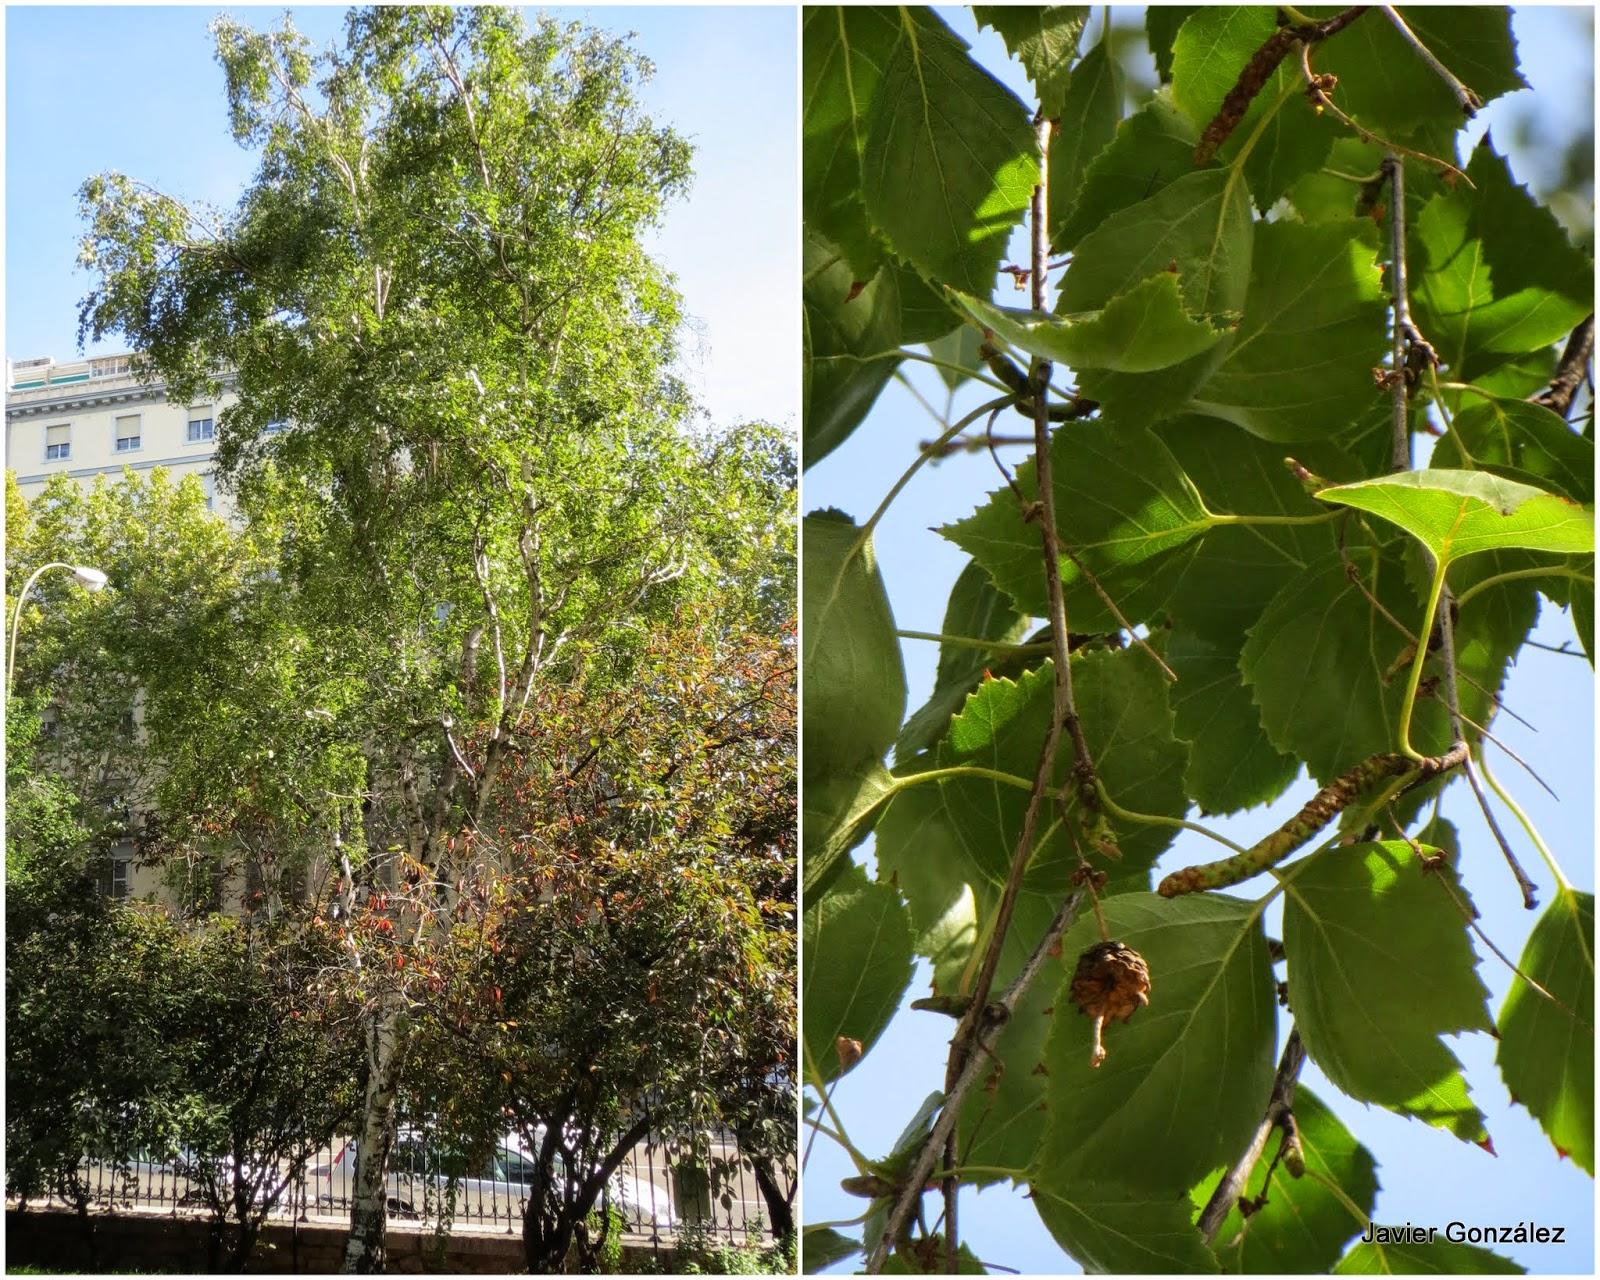 Parque del Retiro. Abedul / Birch